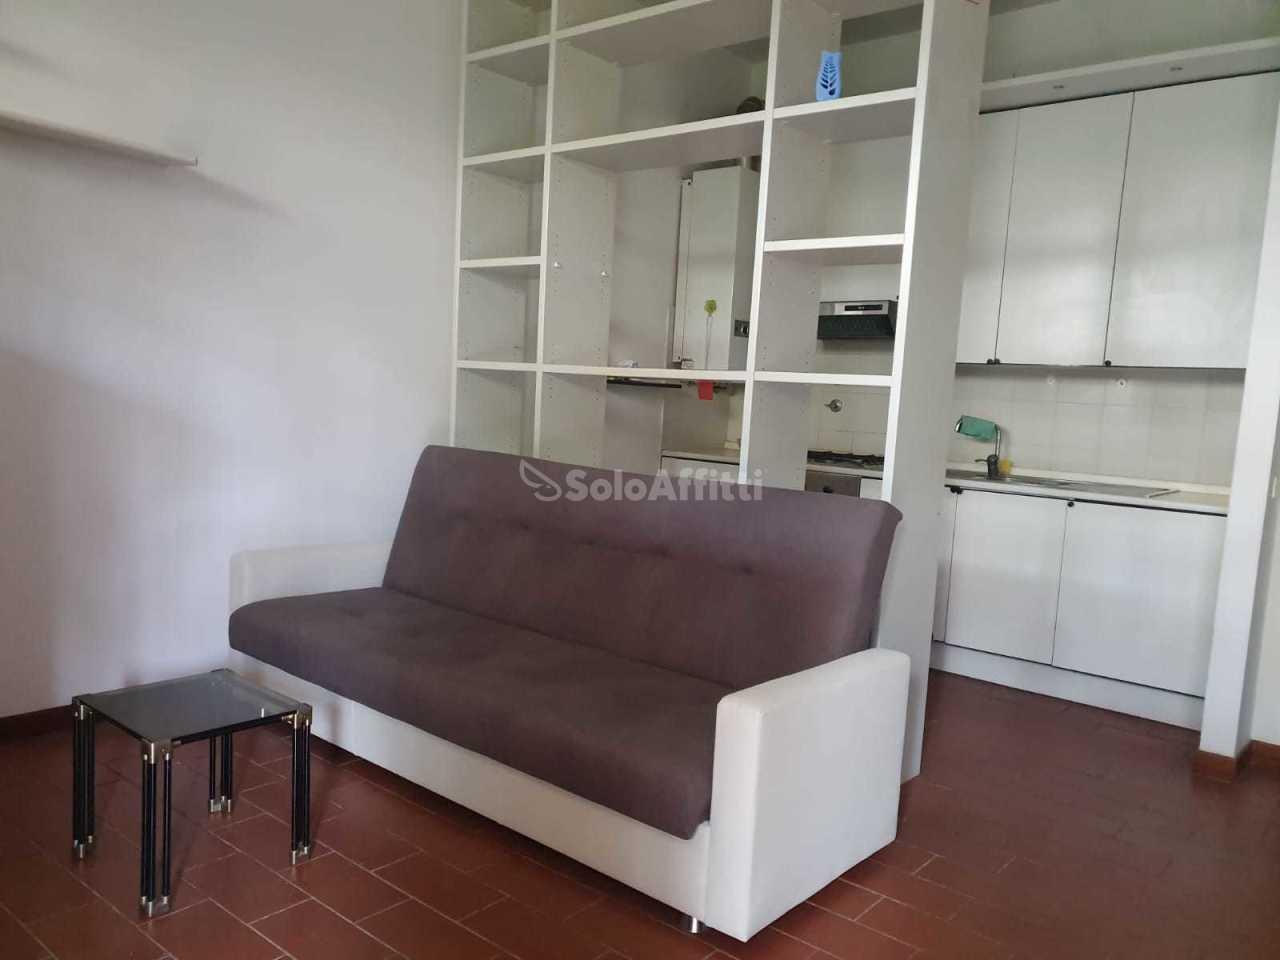 Appartamento in affitto a Greve in Chianti, 2 locali, prezzo € 500 | CambioCasa.it